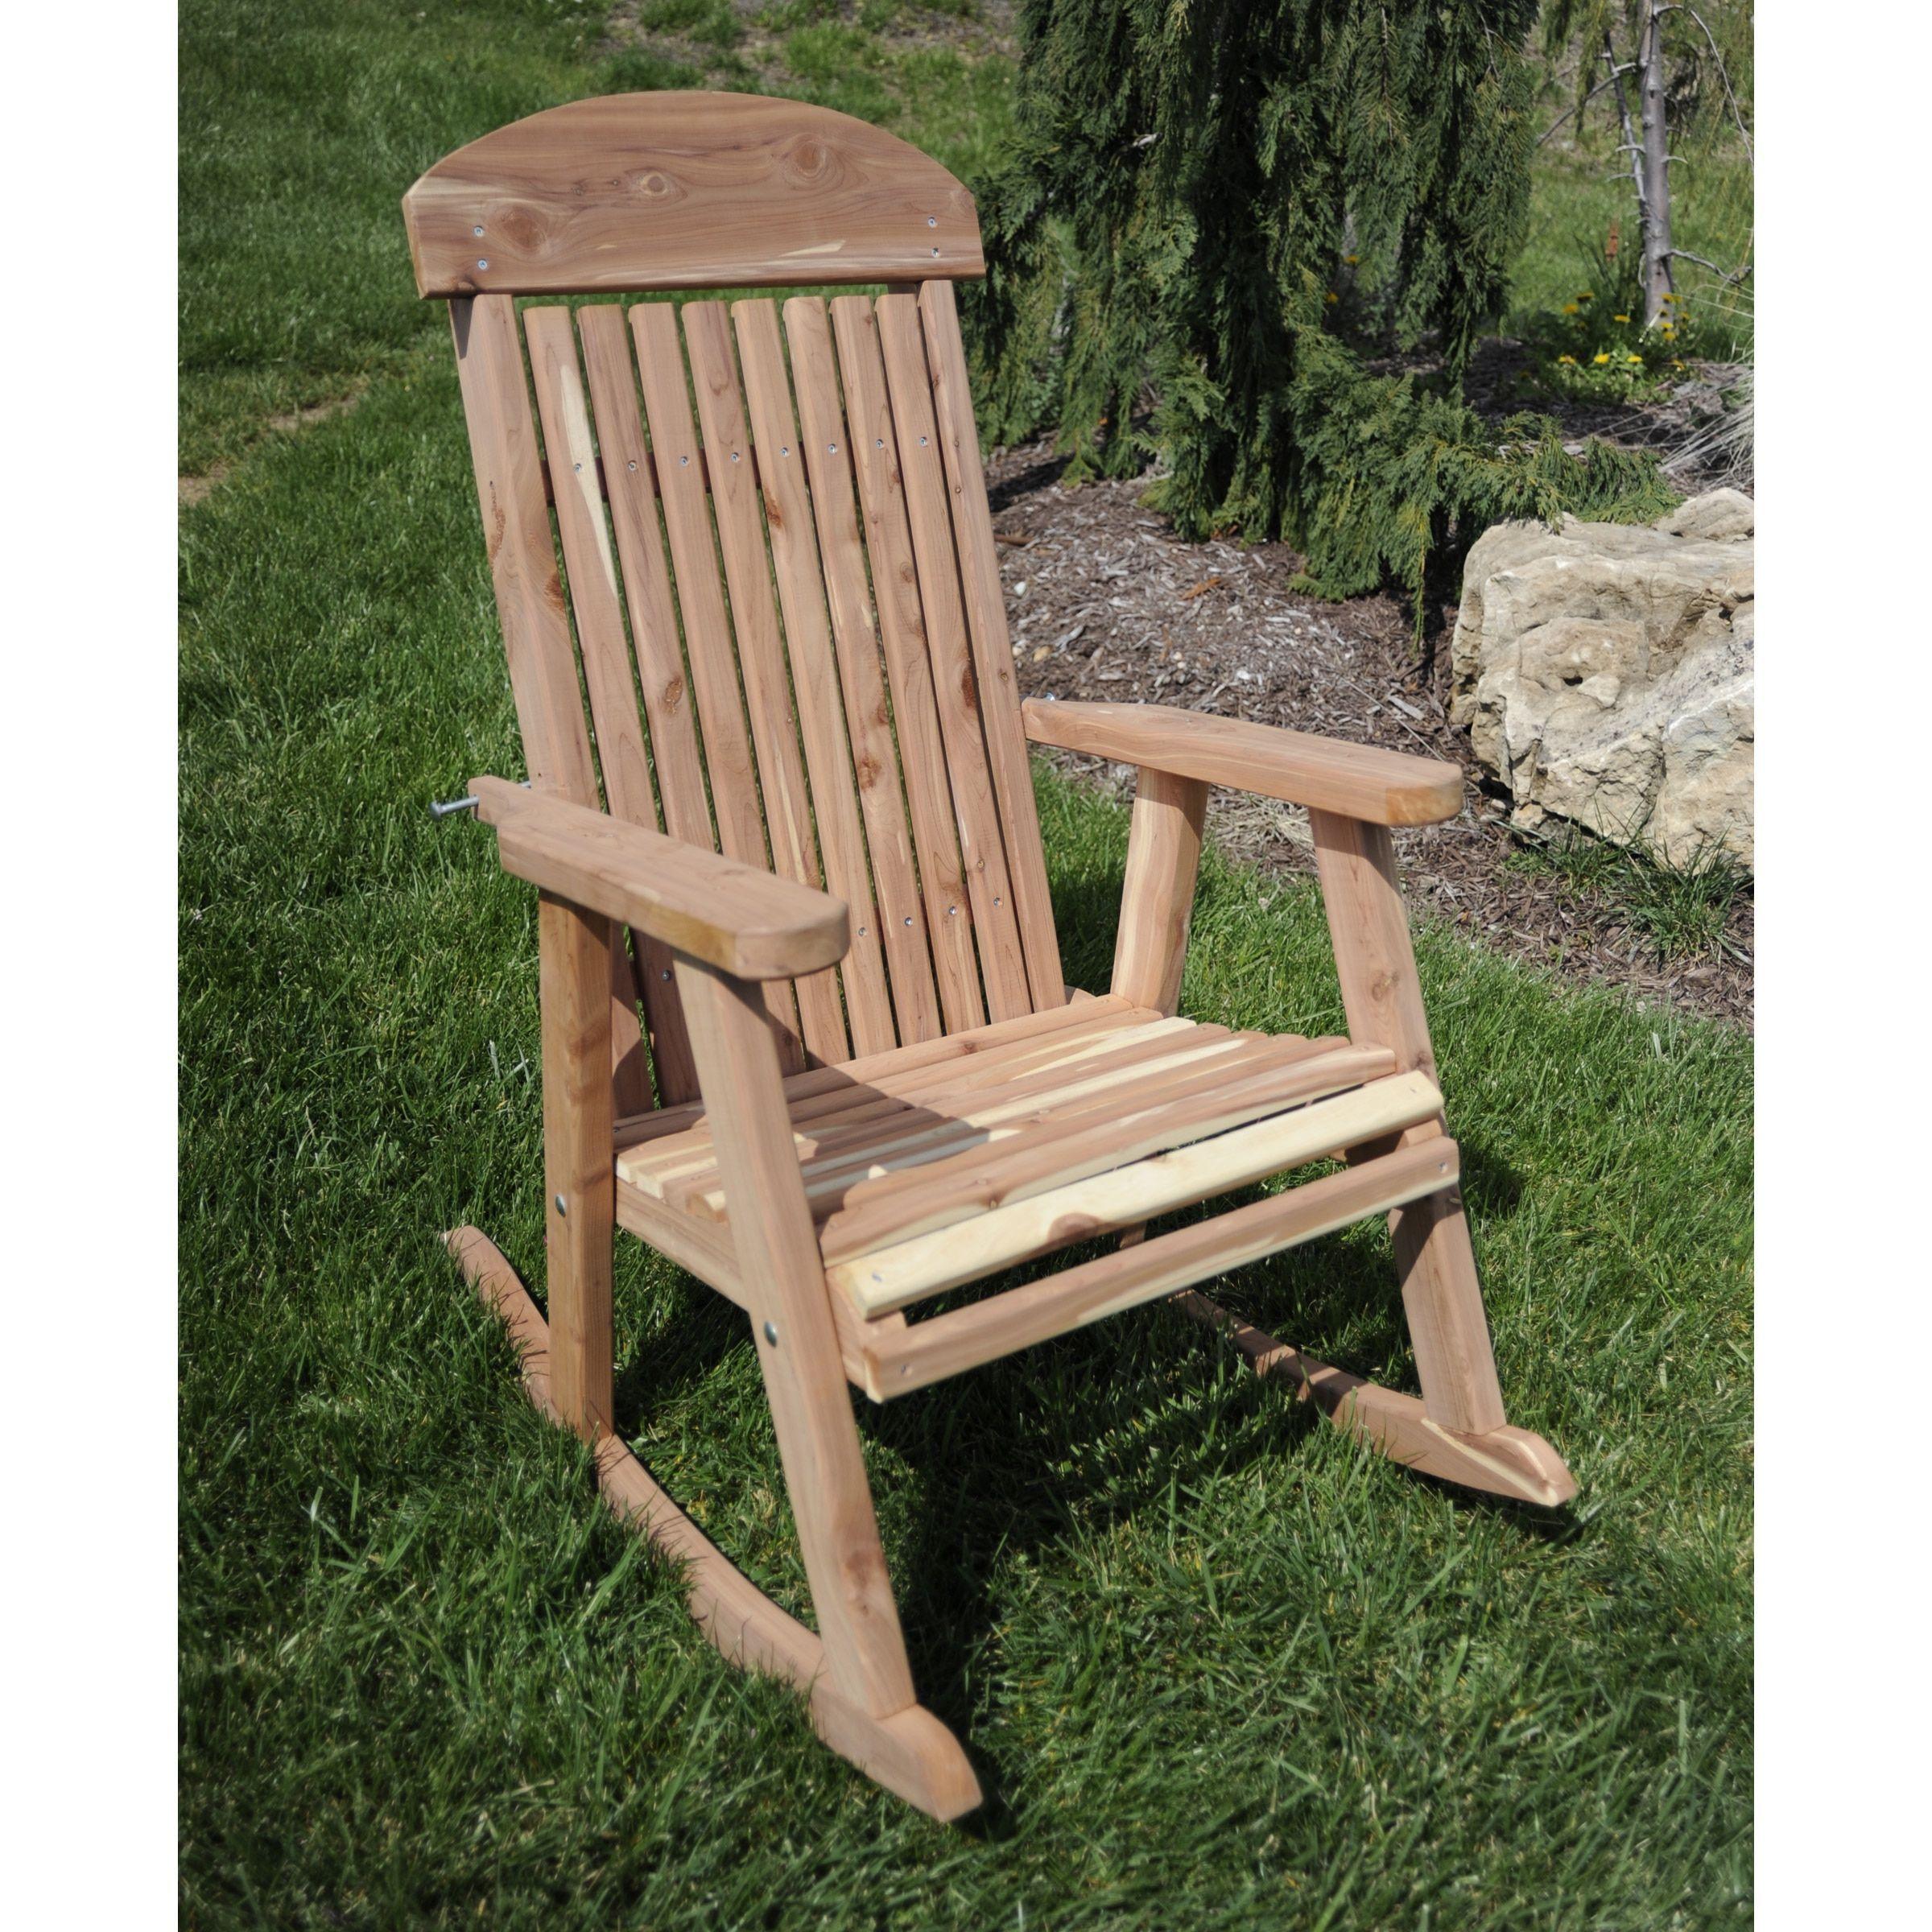 Amerihome amish made rocking chair patio furniture rocking